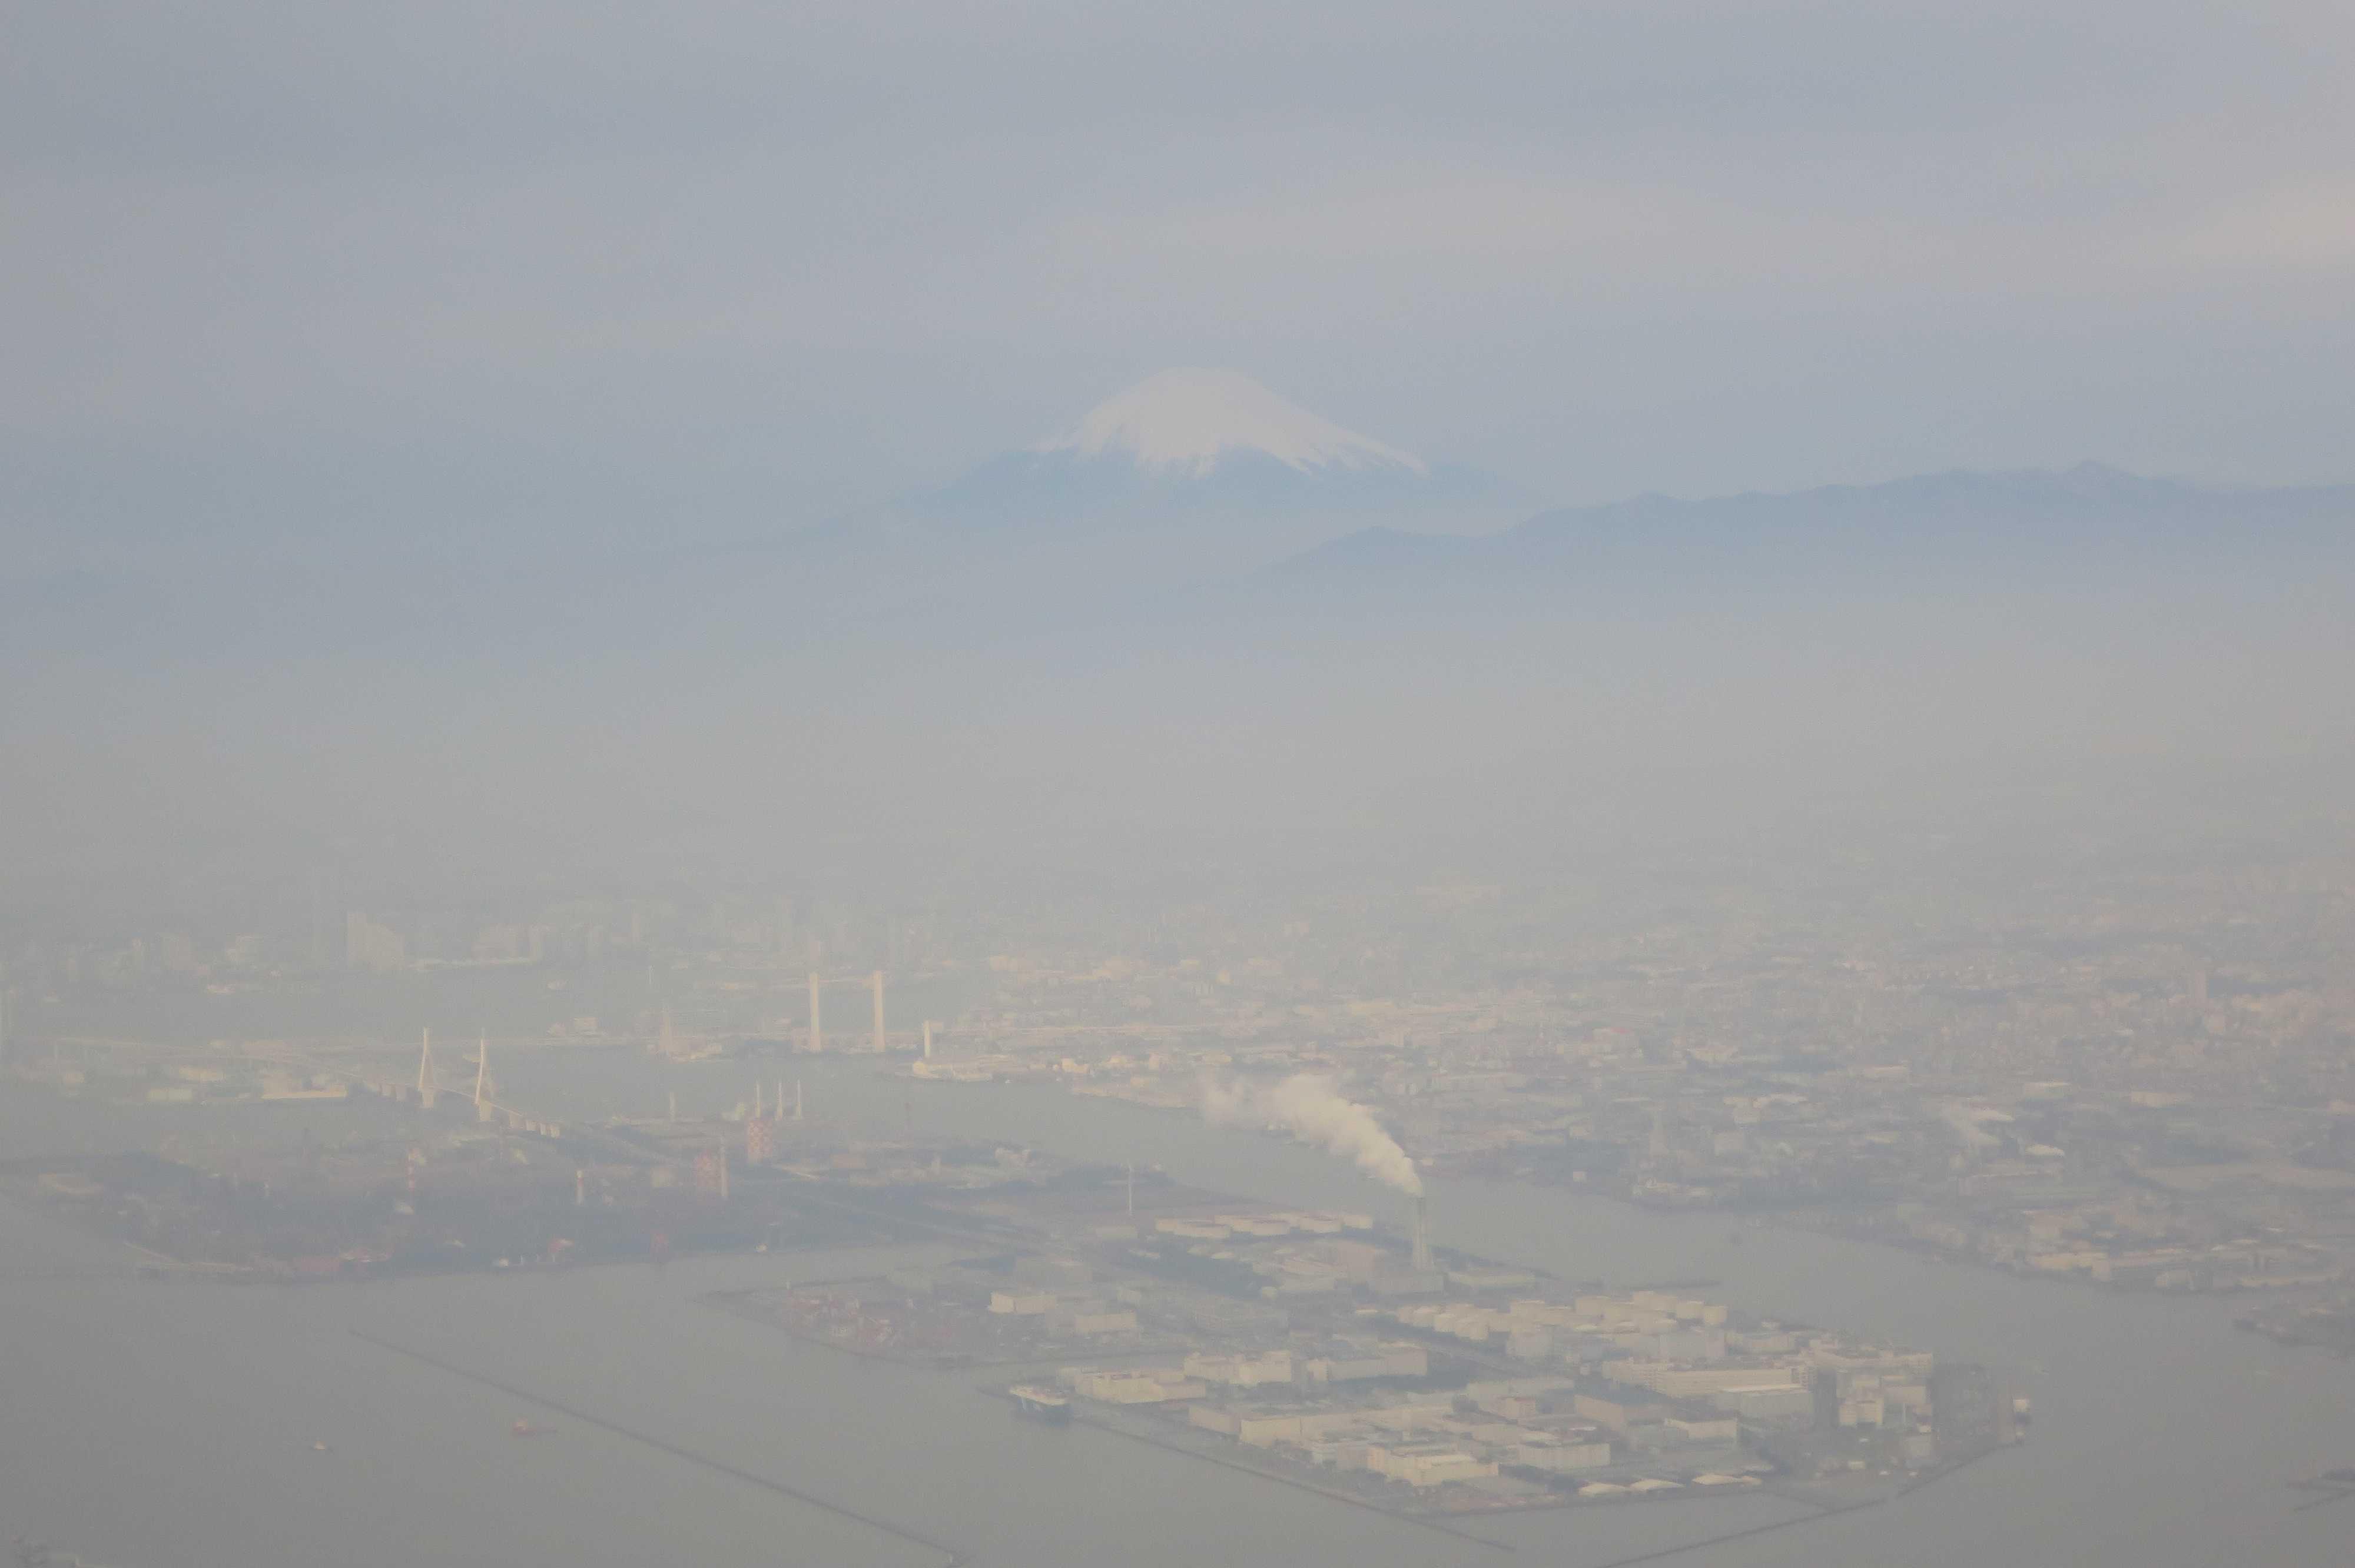 東京湾上空から見えた霞んだ富士山